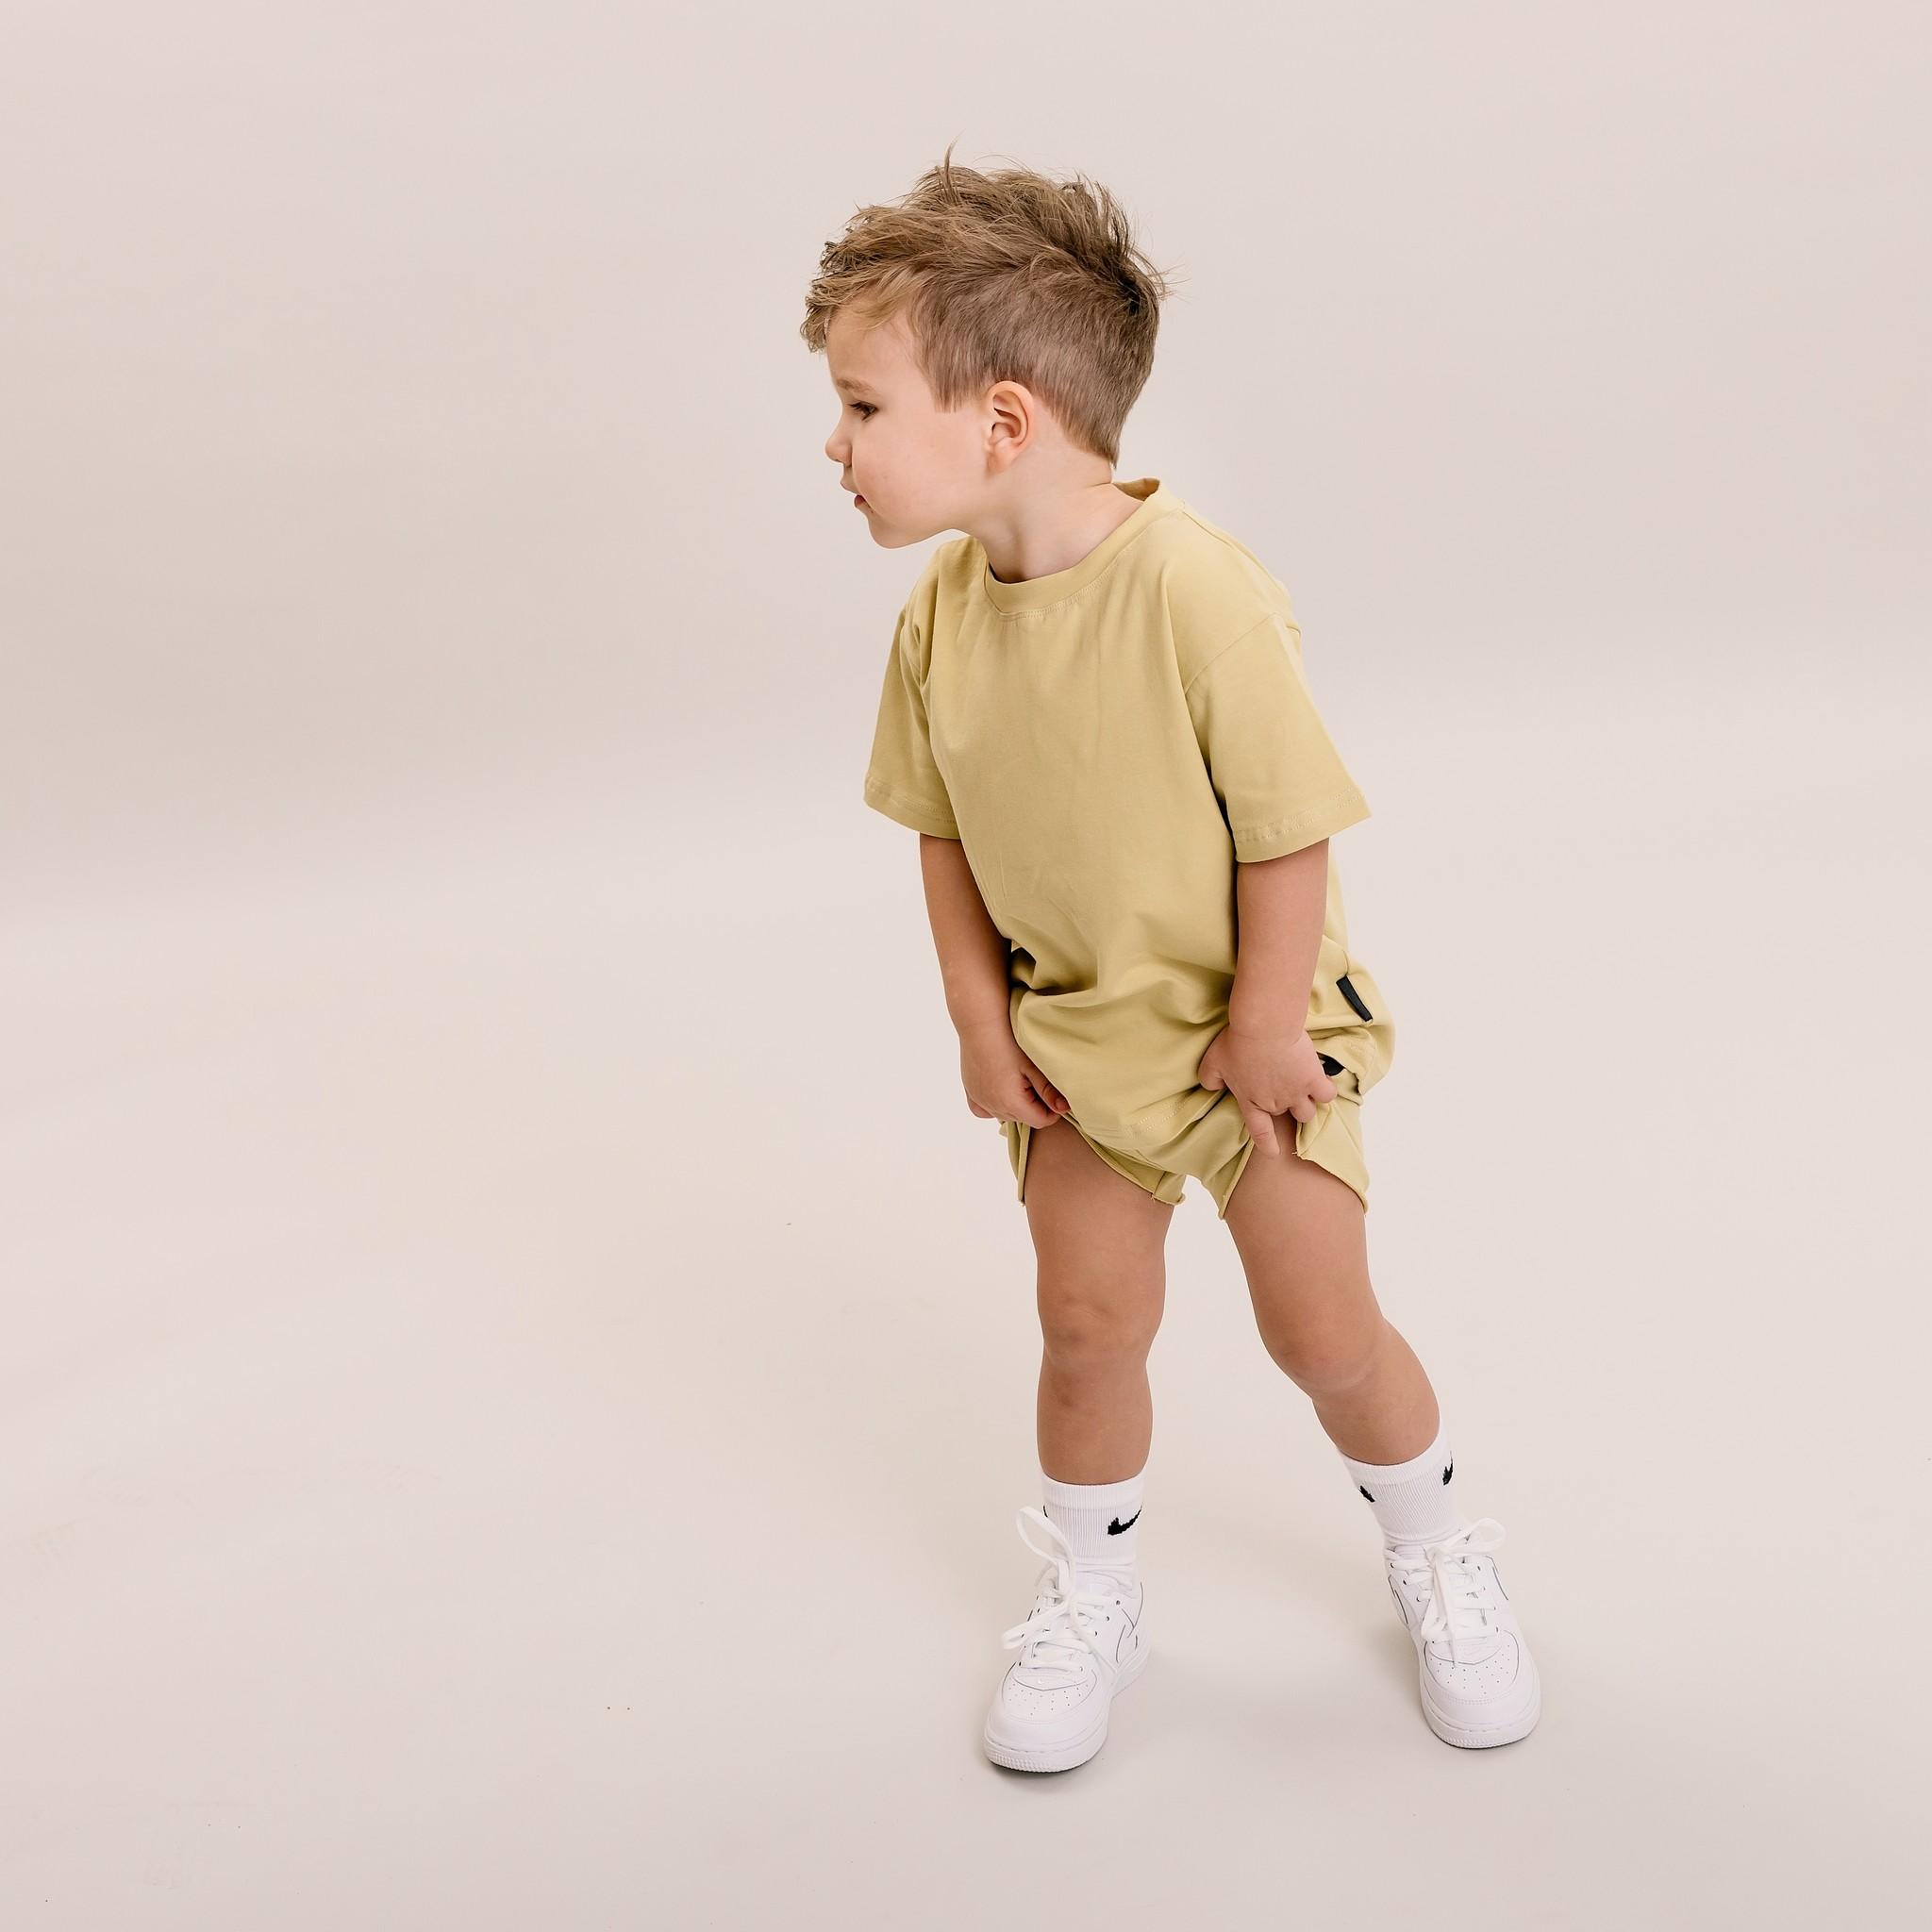 No Labels Kidswear GEEL OVERSIZED SHIRT | STREETWEAR JONGENSKLEDING | HIPPE KINDERKLEDING - Copy